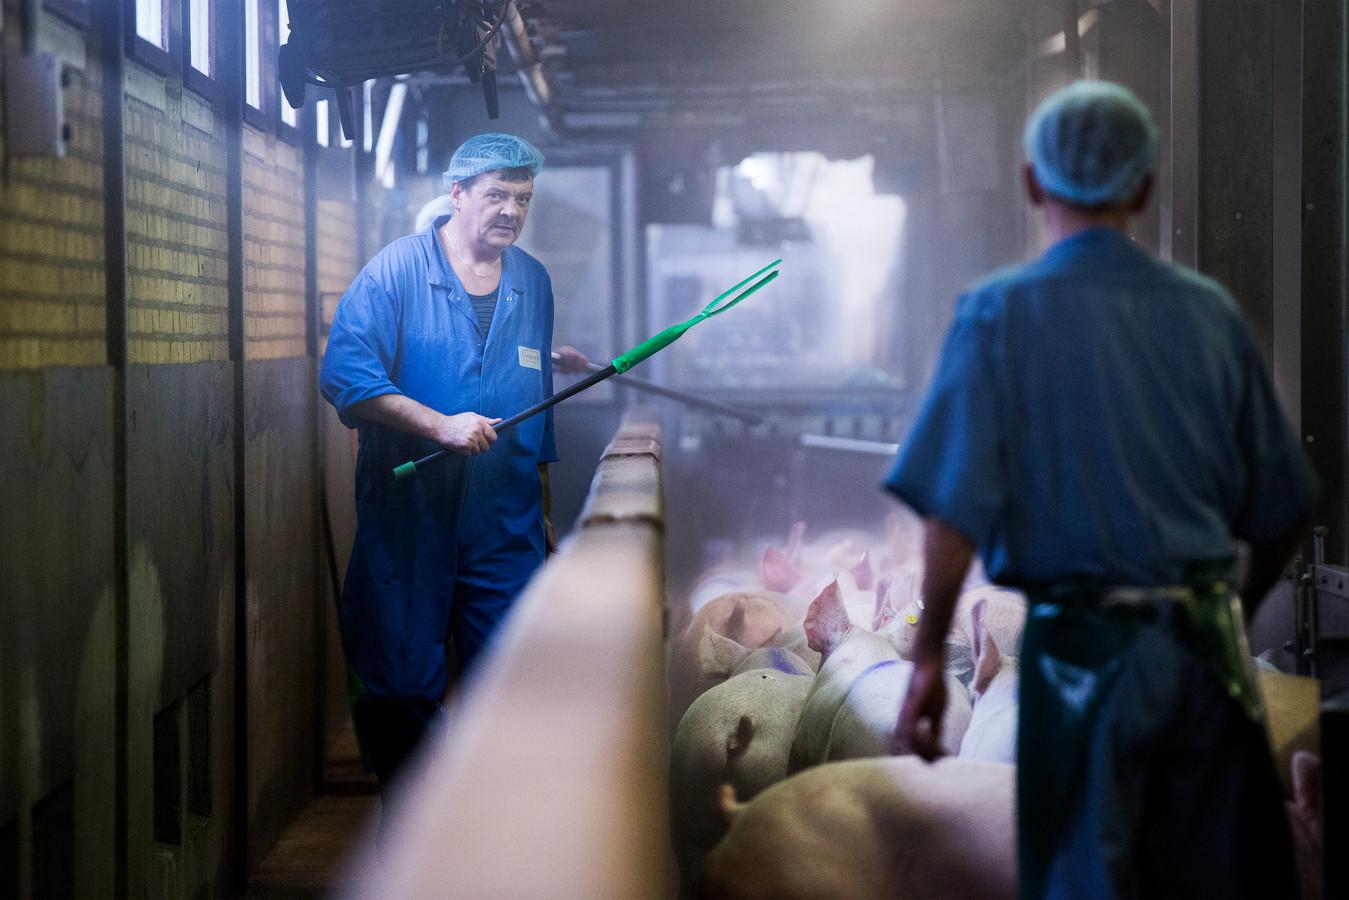 Bij Compaxo lopen de varkens in hun laatste meters naar het licht toe. Dat geeft volgens biologen minder stress.